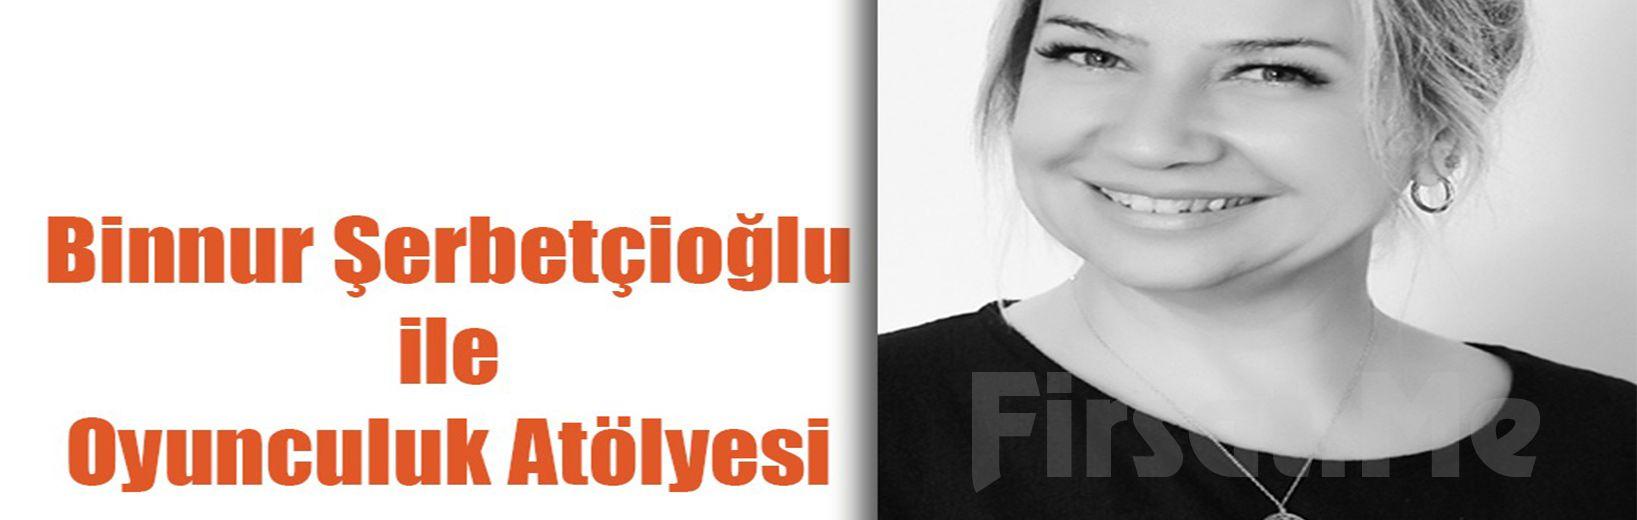 Usta Sanatçı Binnur Şerbetçioğlu ile Oyunculuk Atölyesi